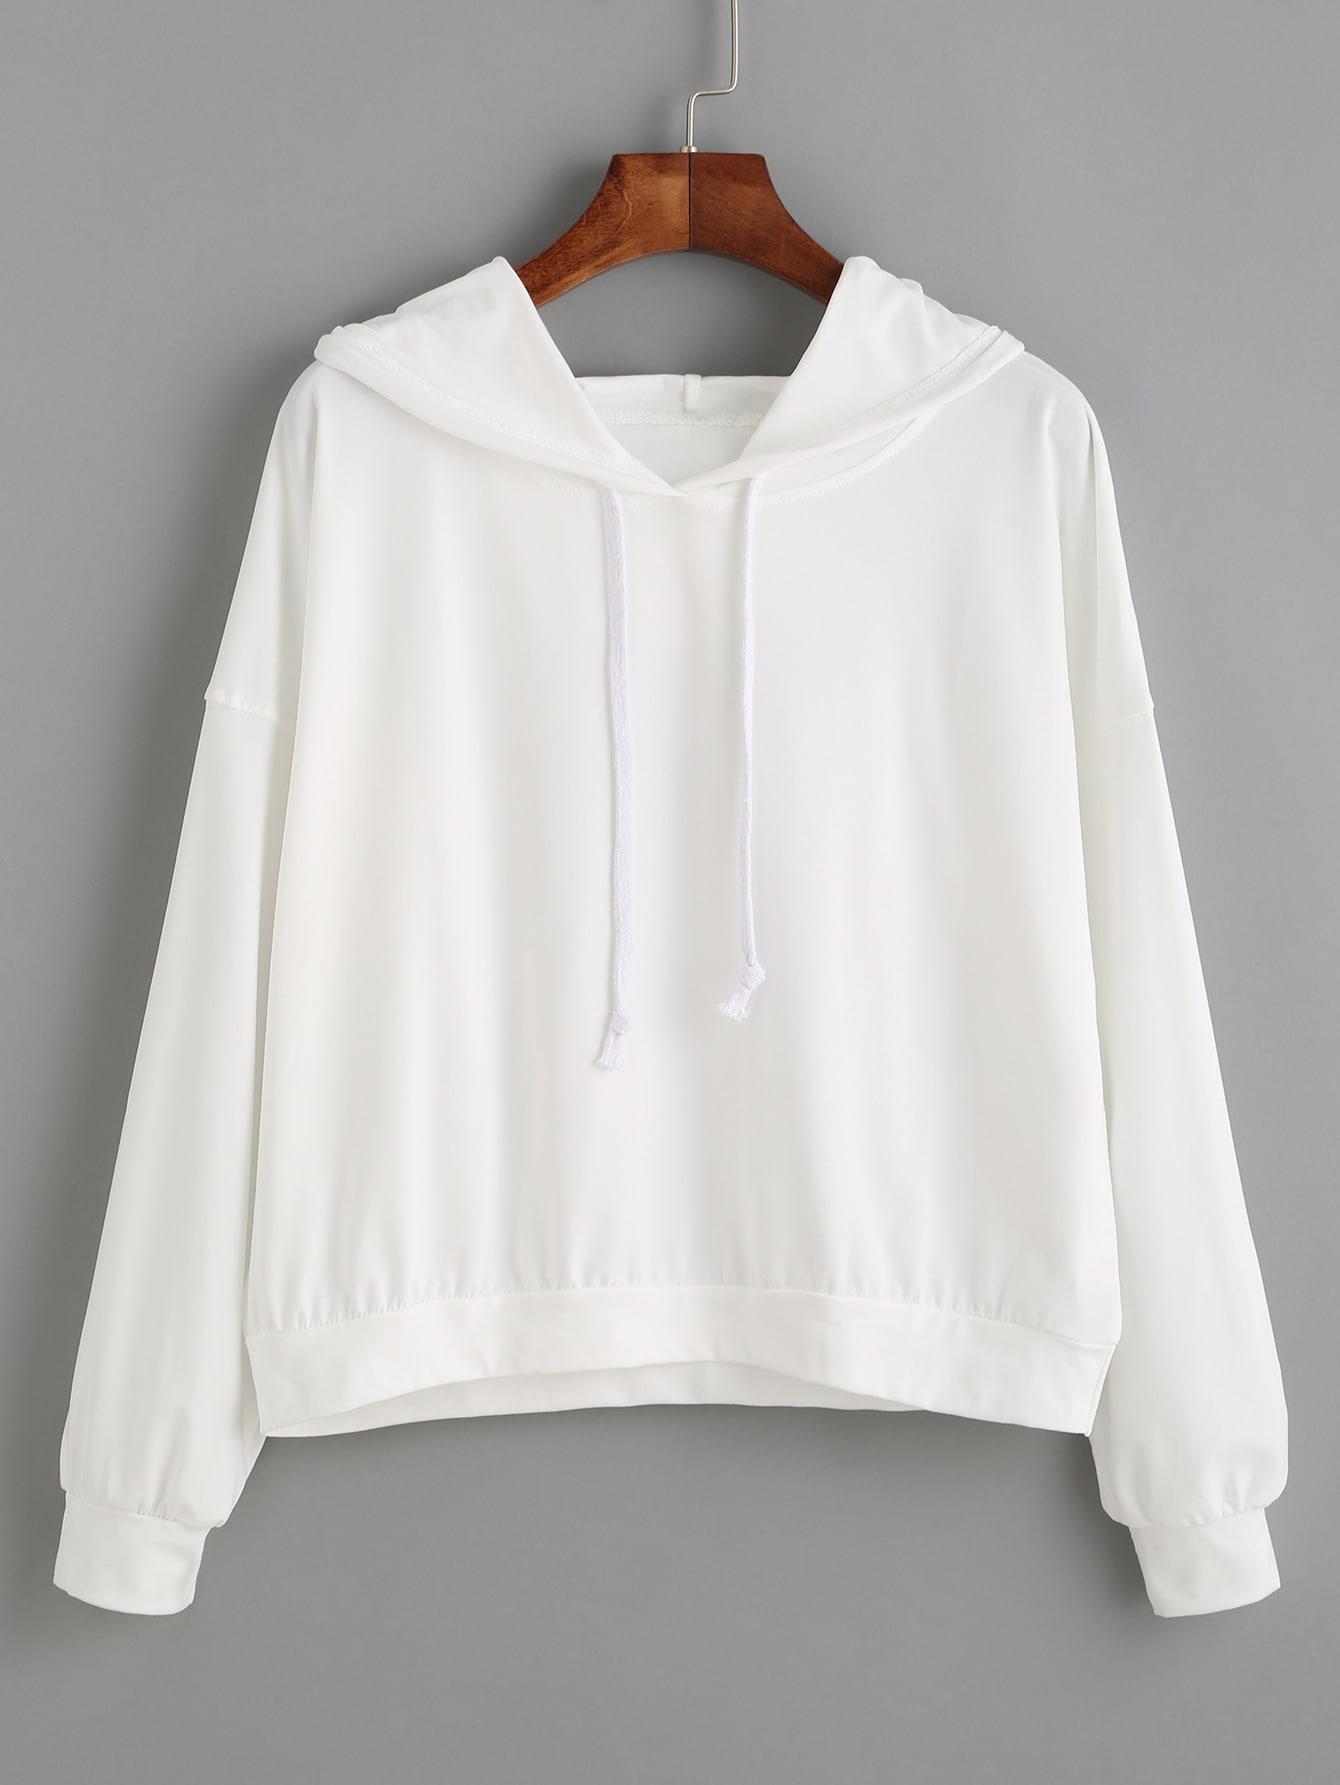 sweatshirt160802131_2